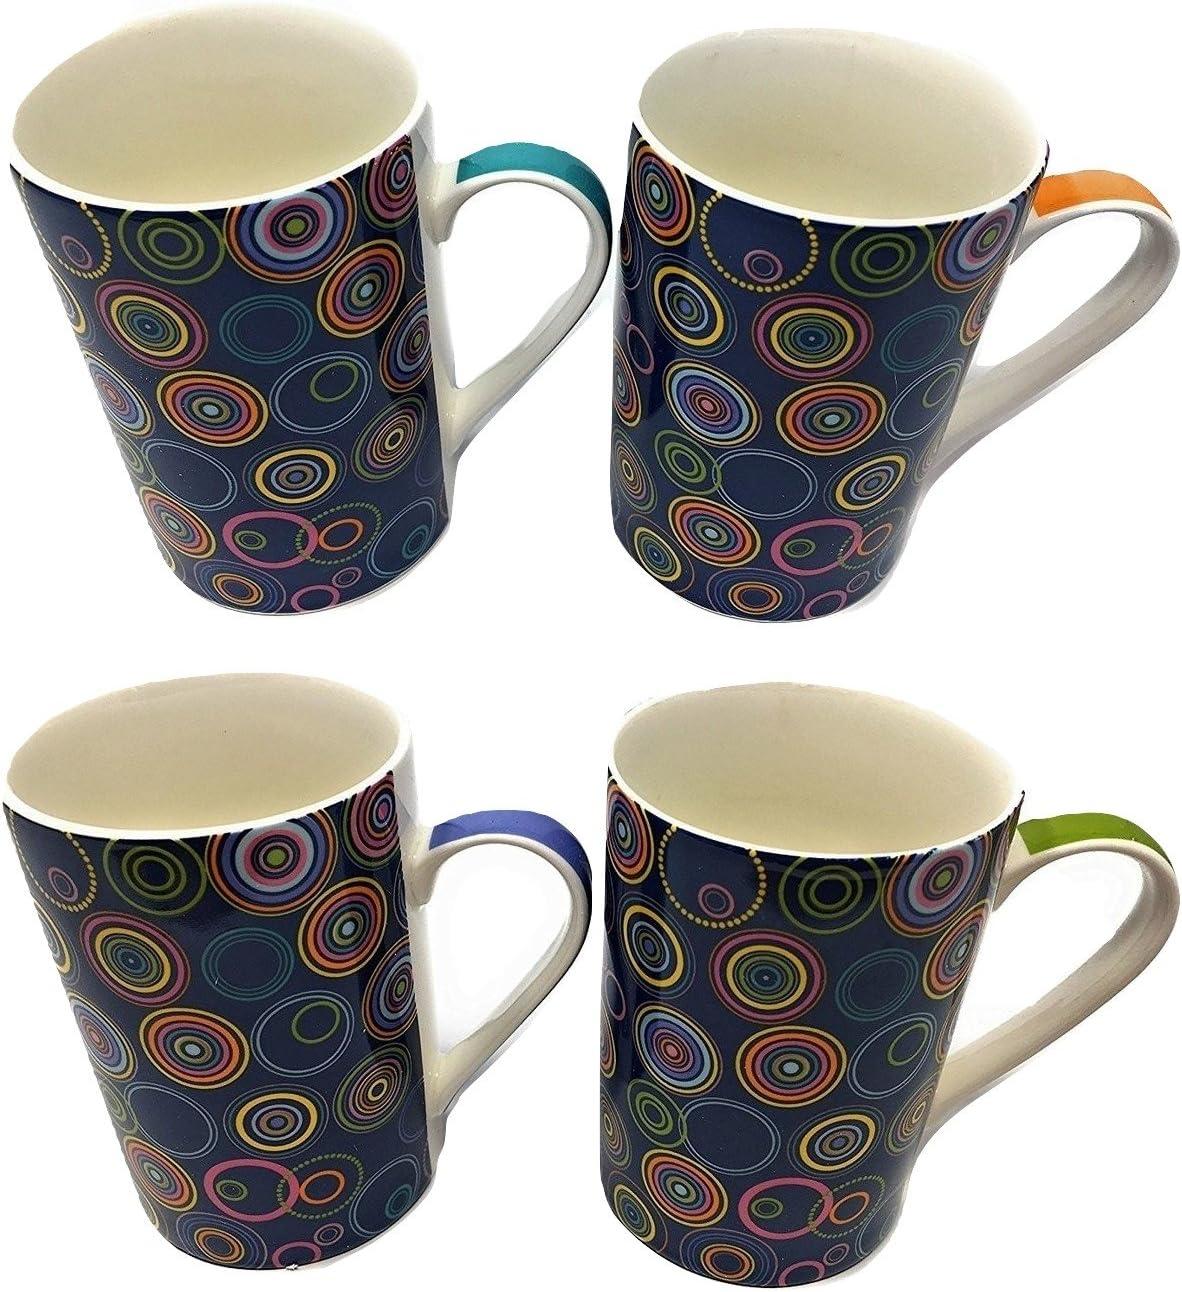 Juego de 4 tazas de porcelana fina, muchos diseños, bien embaladas, alta calidad - Circle Pattern